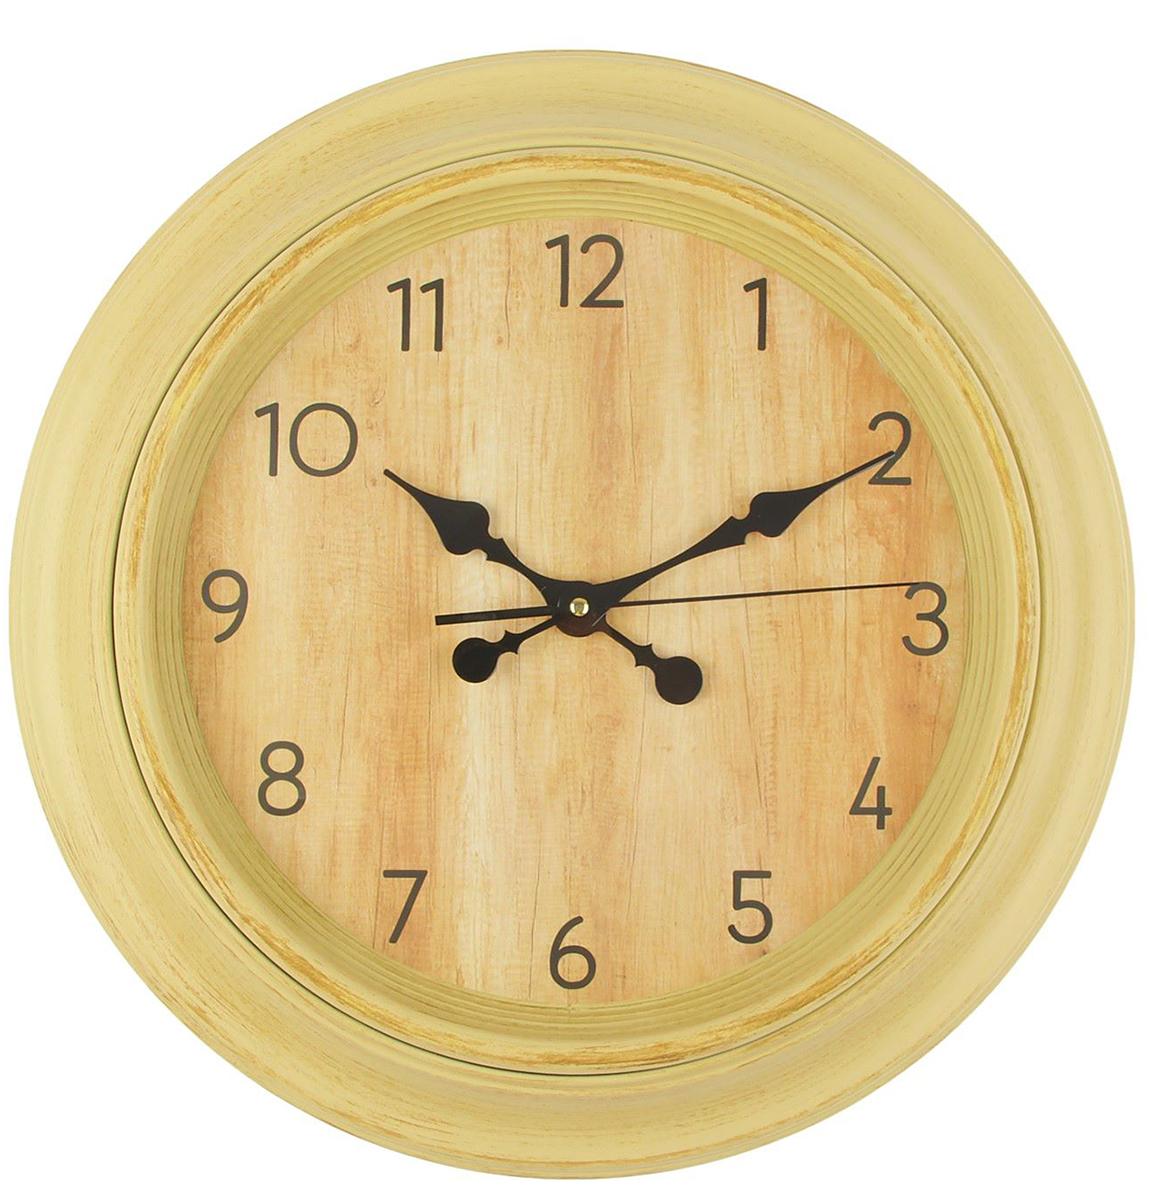 Часы настенные, цвет: кремовый, дуб, 45 х 45 см хочу продать свою квартиру которая менее 3х лет и другую какие налоги надо заплатить